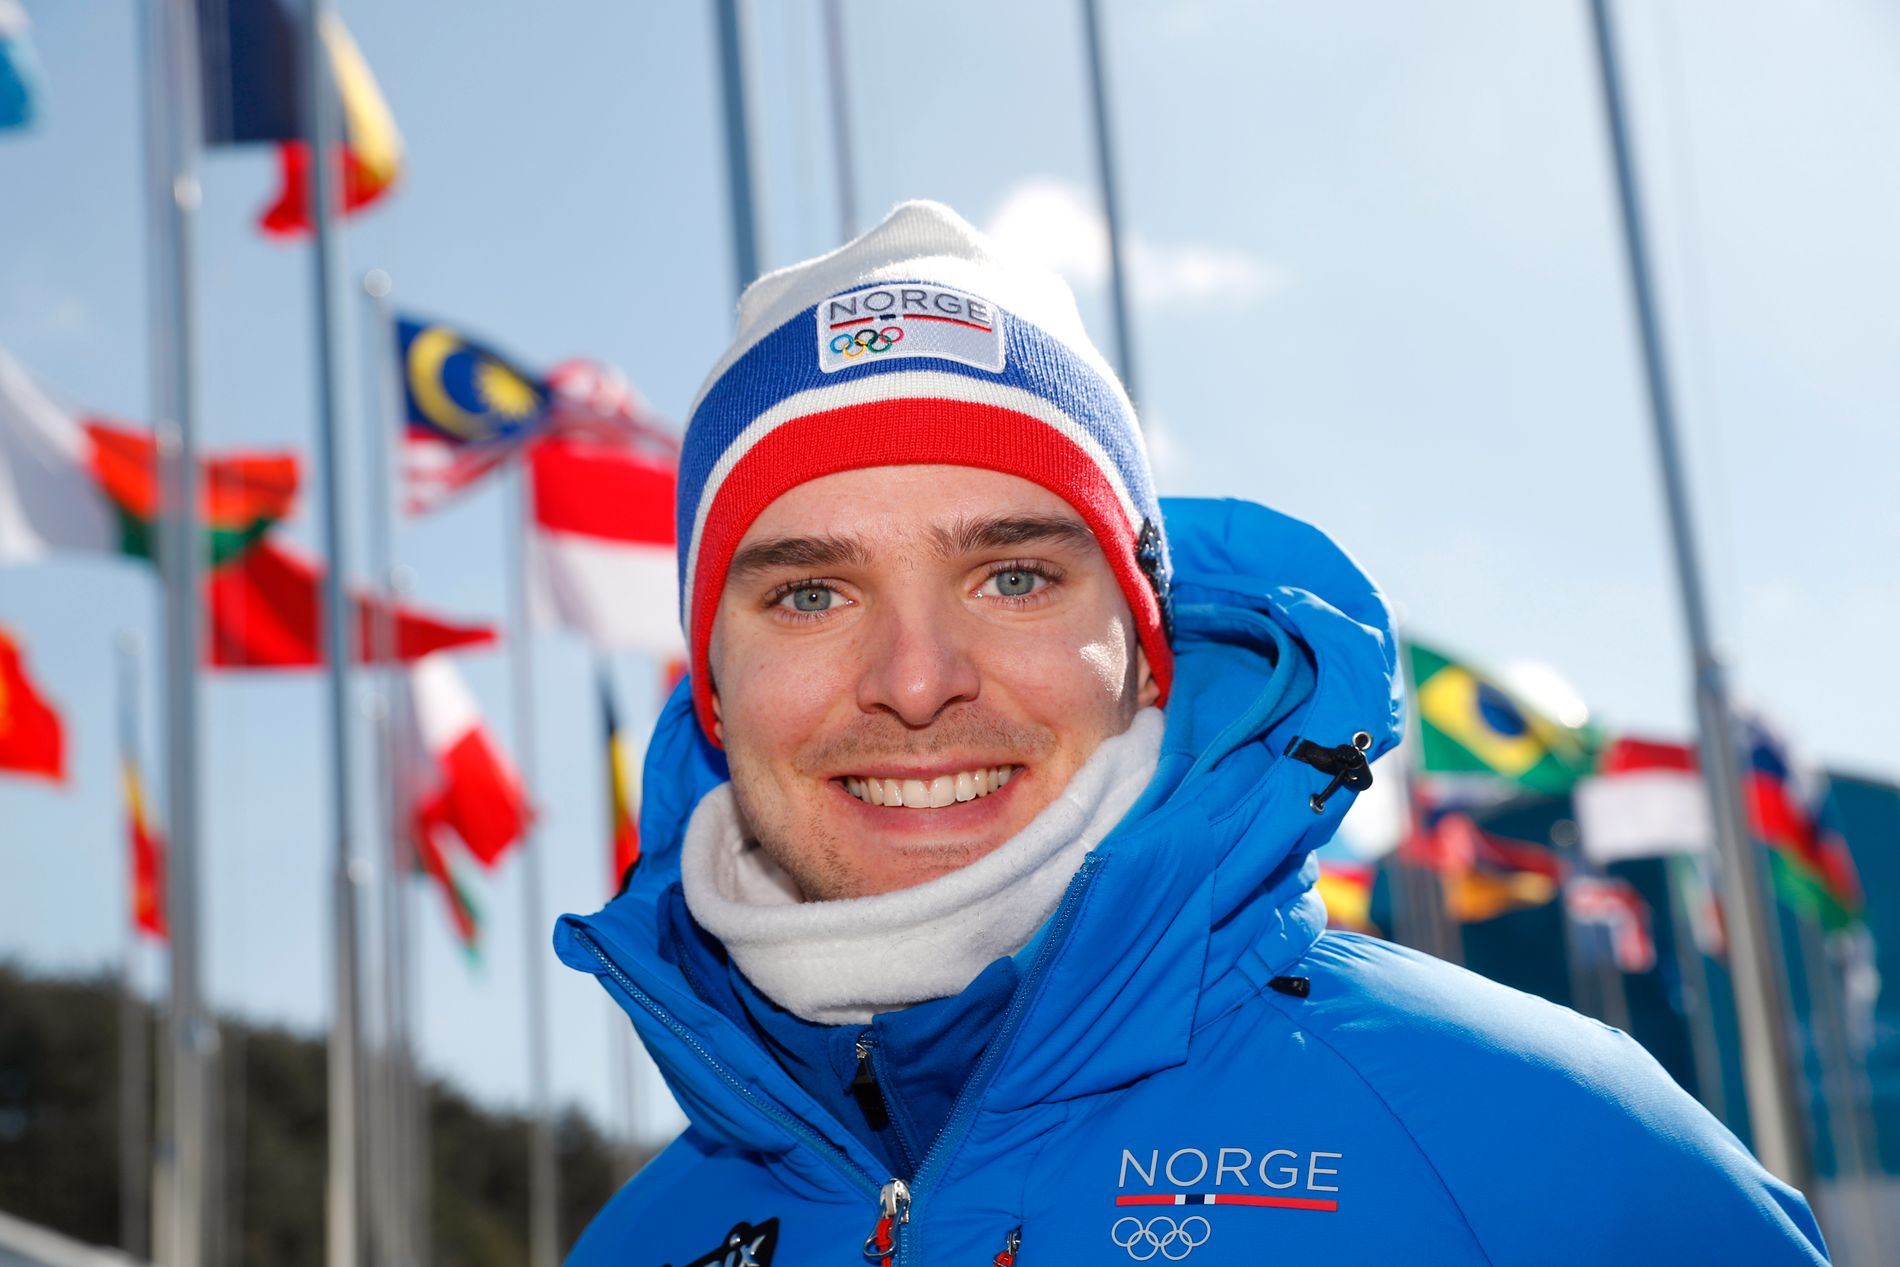 I VINDEN: Jørgen Graabak er klar for ny gullkamp i OL-sammenheng. Her er han avbildet i deltagerlandsbyen.